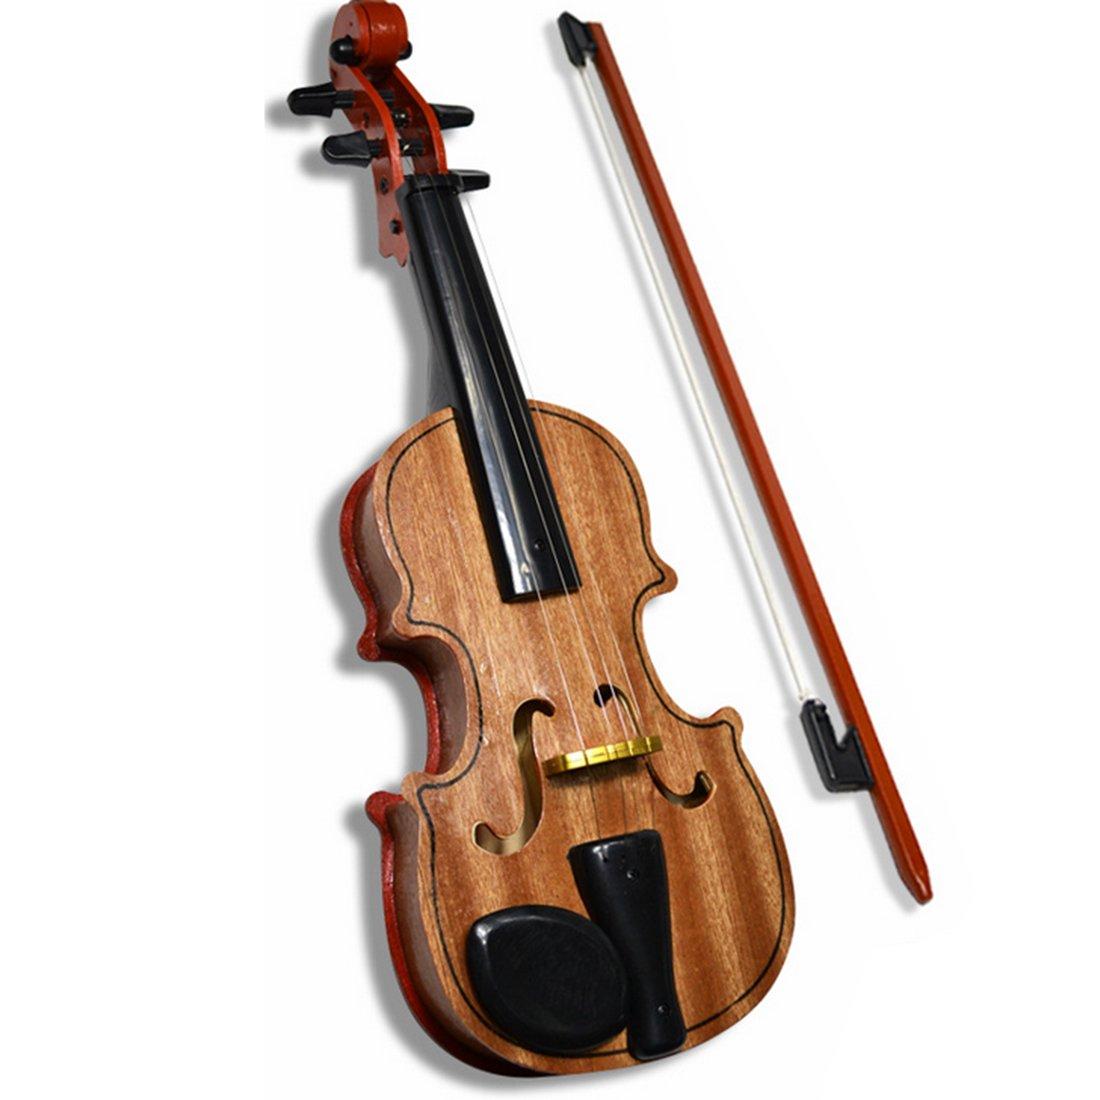 Jouet de Violon, Foxom Émulatoire Bois Violon Jouet D'imitation Éducatif Instrument de Musique